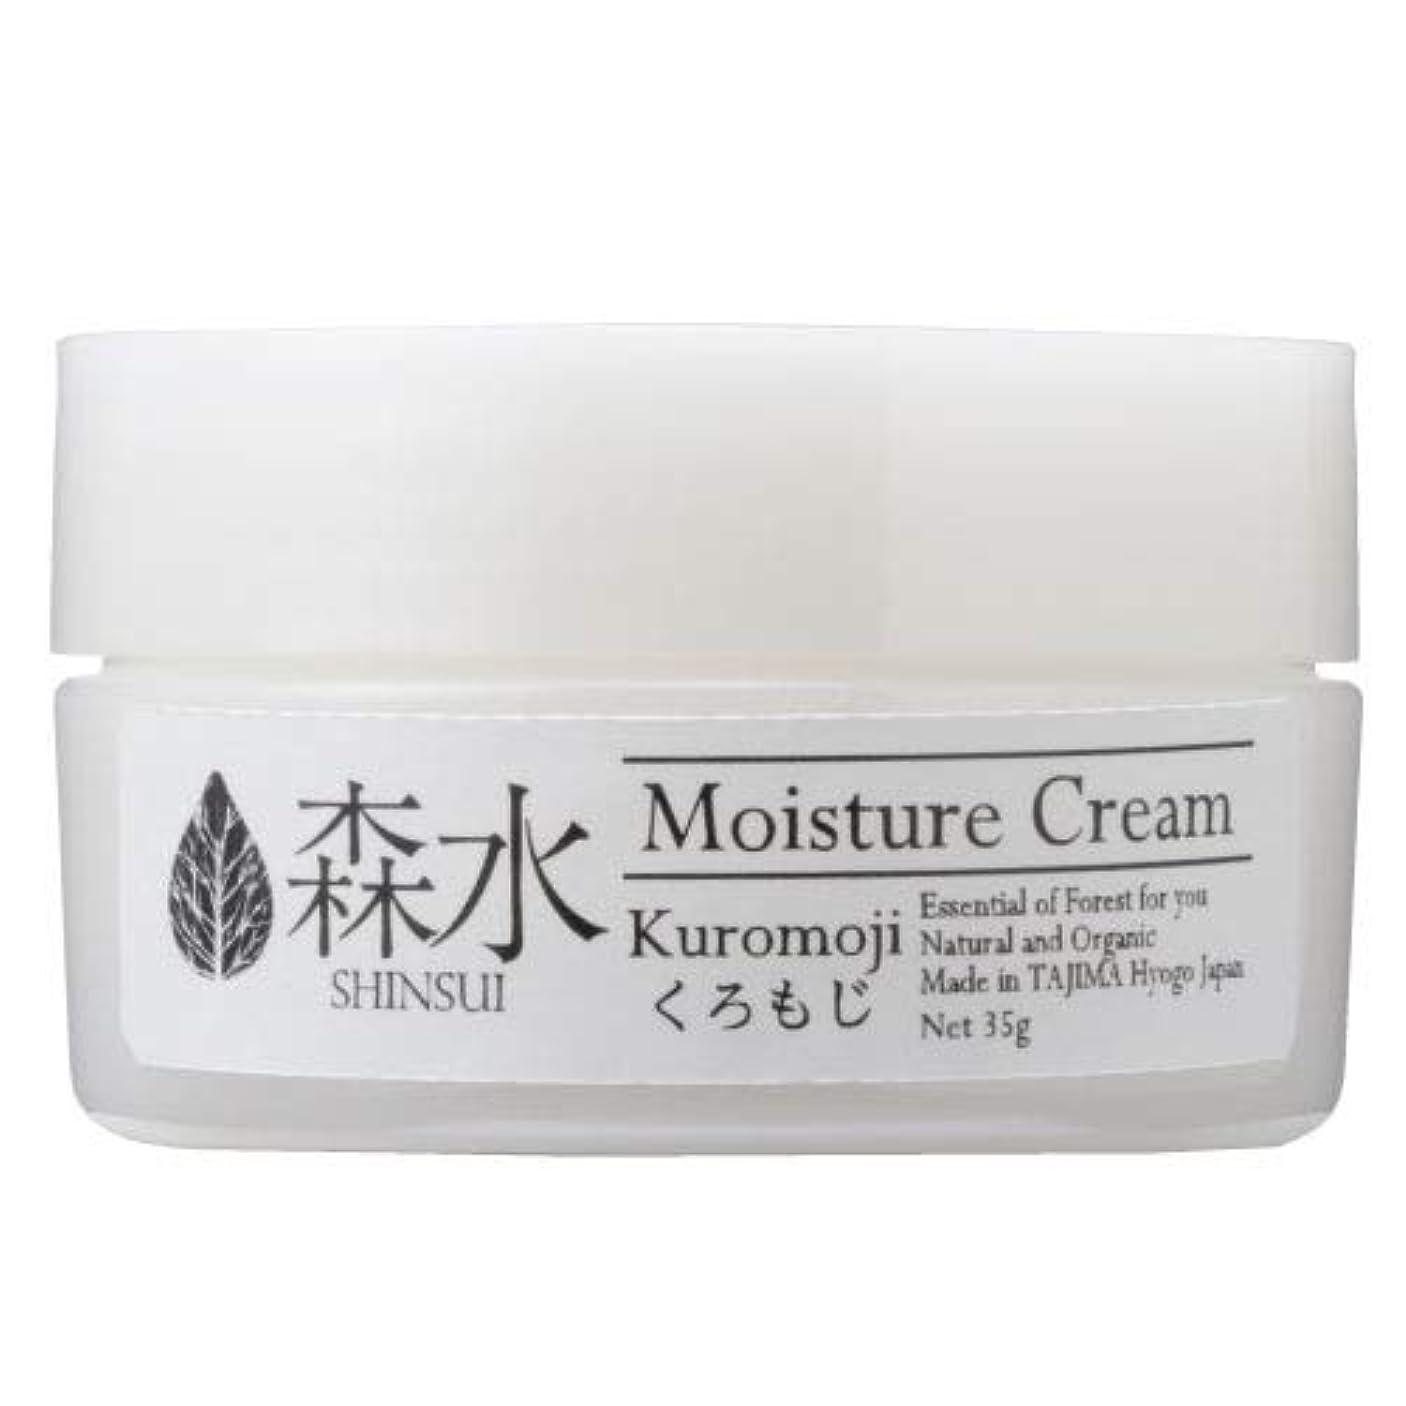 義務的コールファシズム森水-SHINSUI シンスイ-くろもじクリーム(Kuromoji Moisture Cream)35g